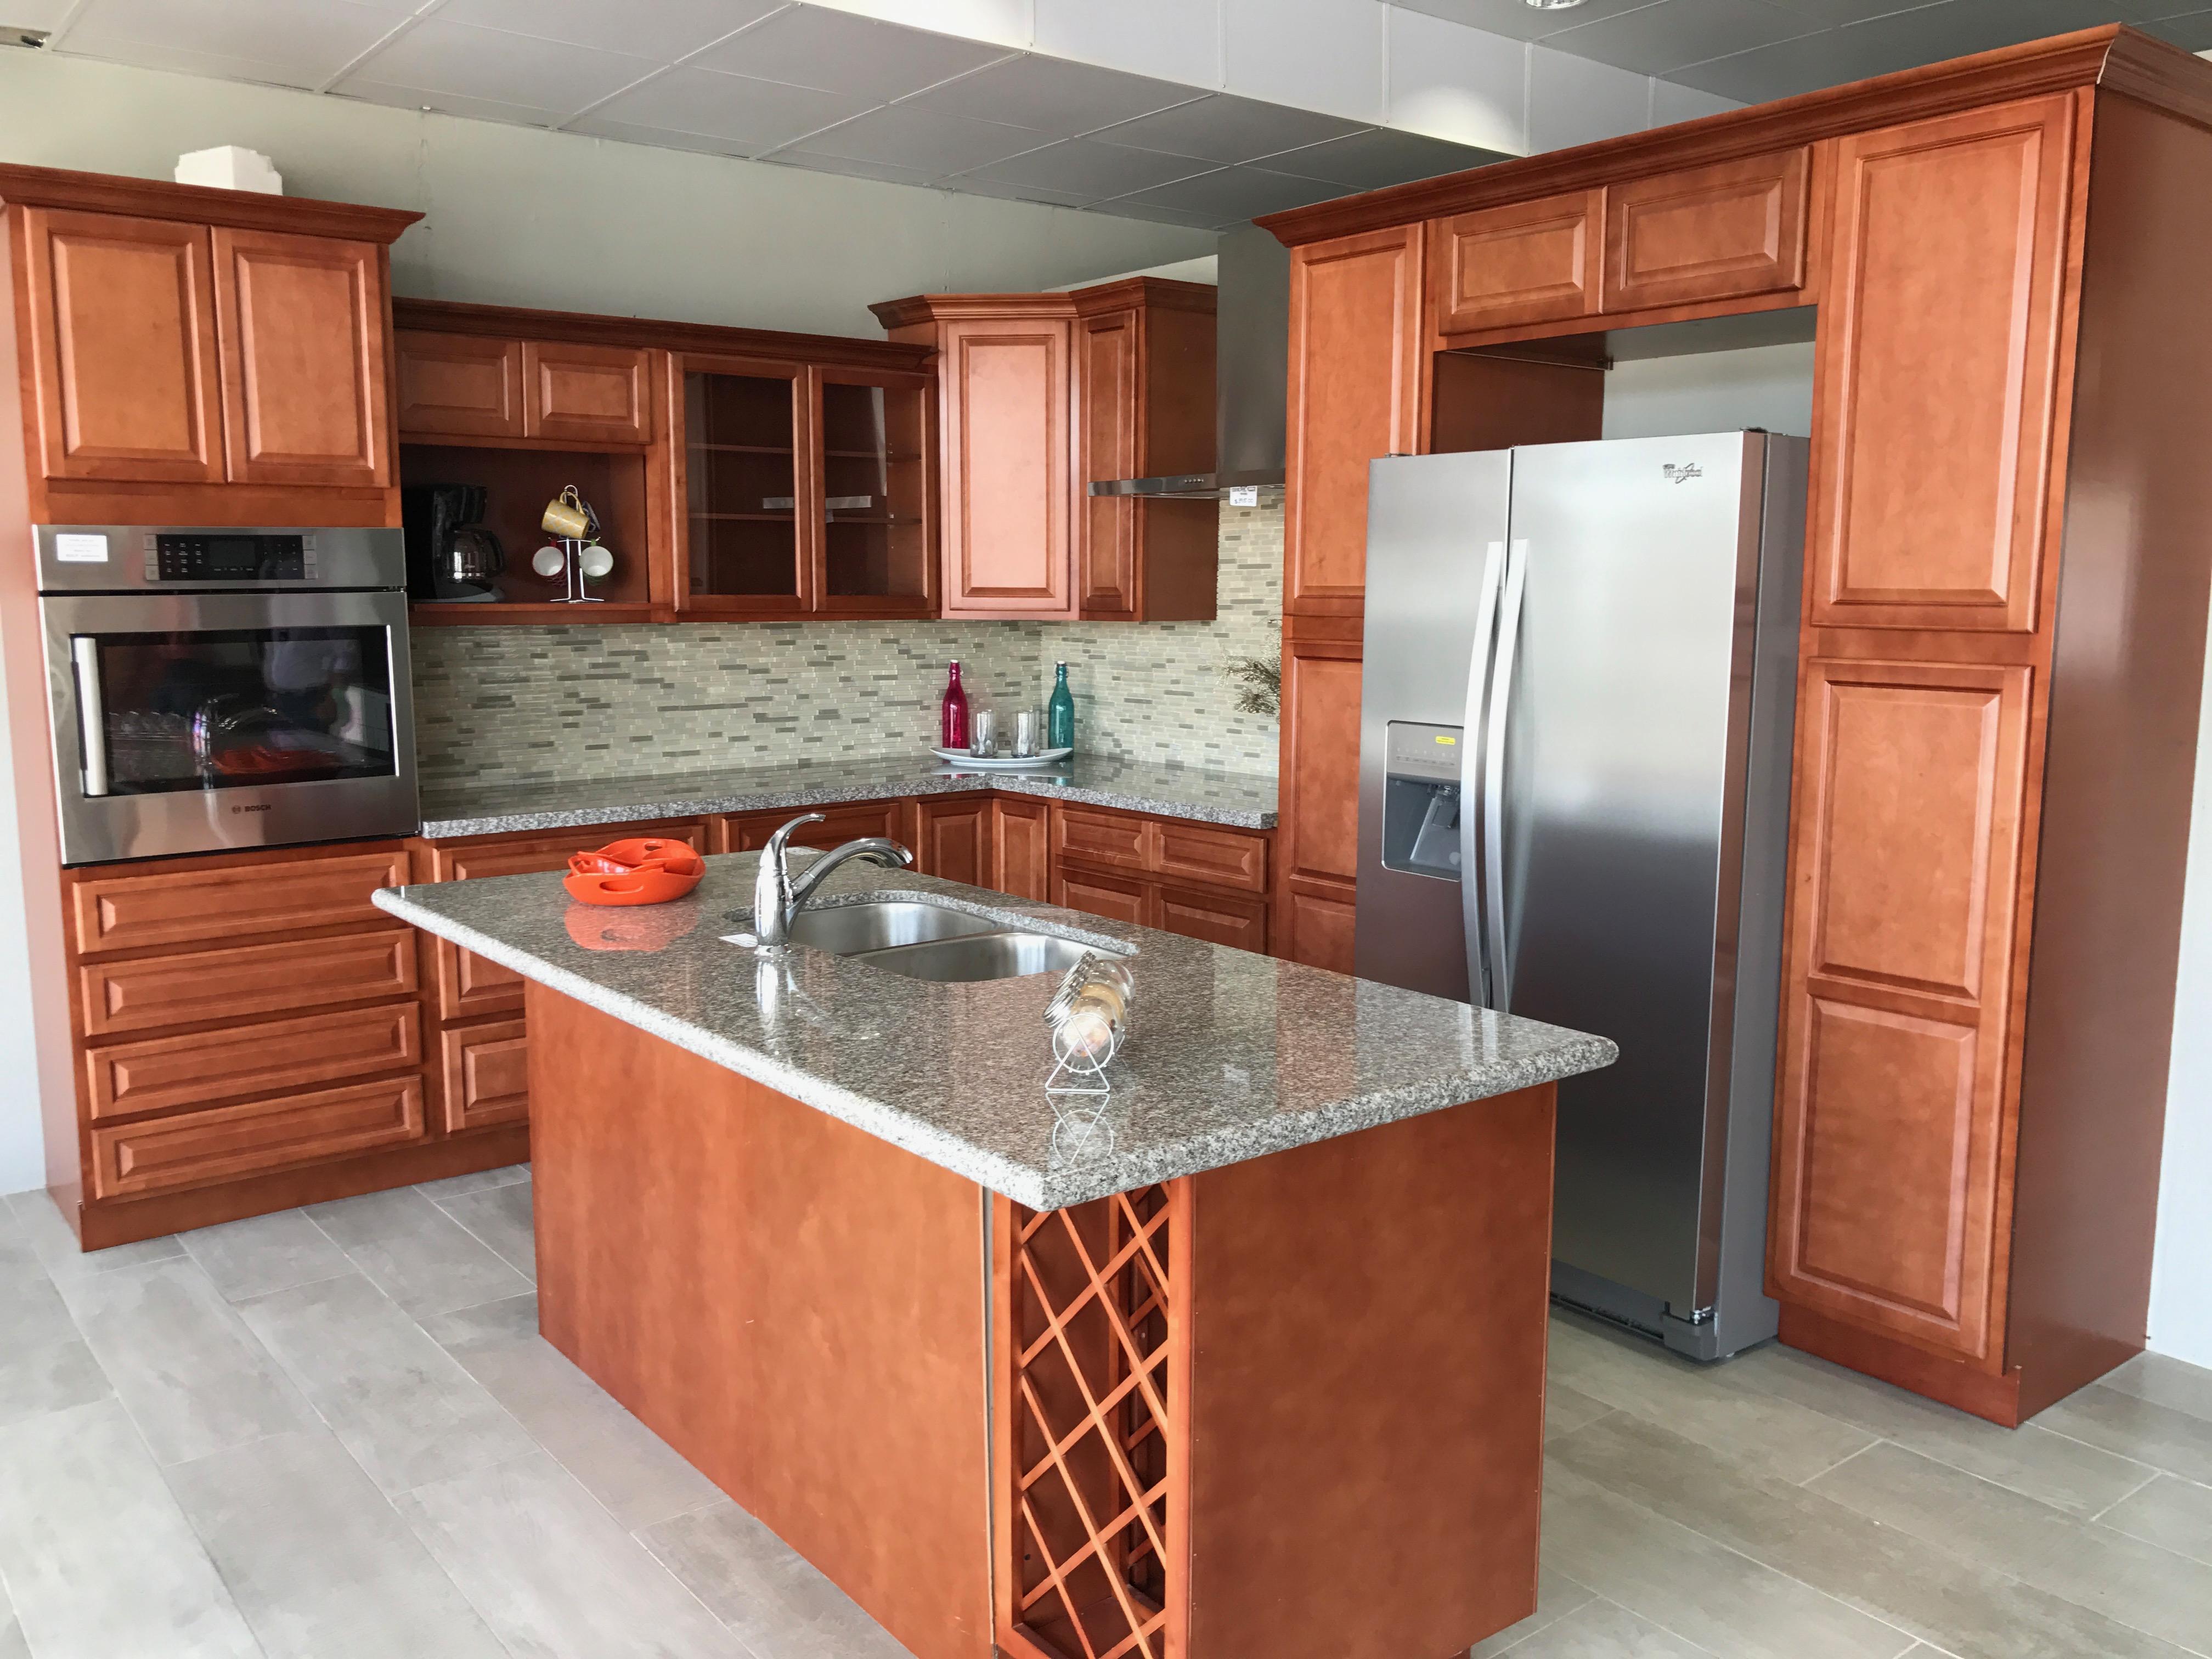 Kitchens Roopnarine Home Center Ltd